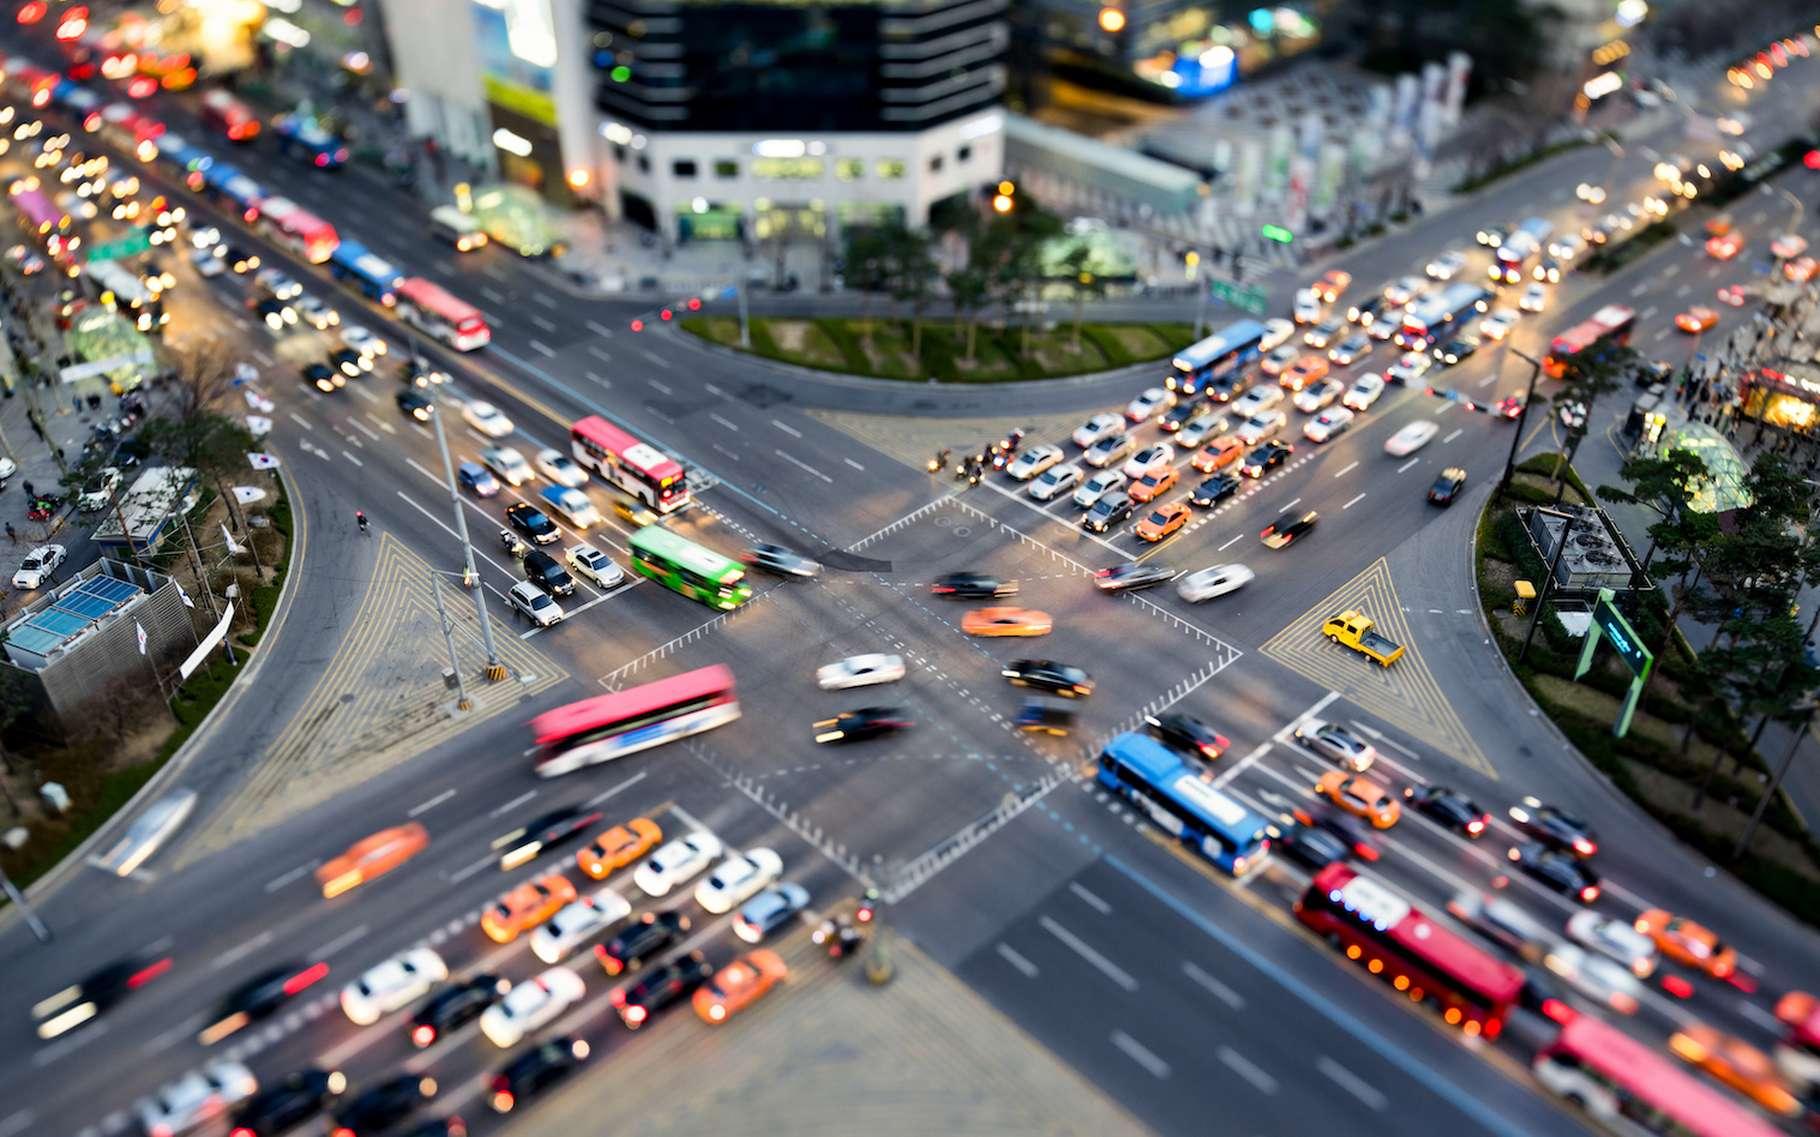 En collectant les données de télémétrie issues des voitures modernes, la société The Ulysses Group propose un service permettant de les localiser à des fins militaires. © eyetronic, Adobe Stock